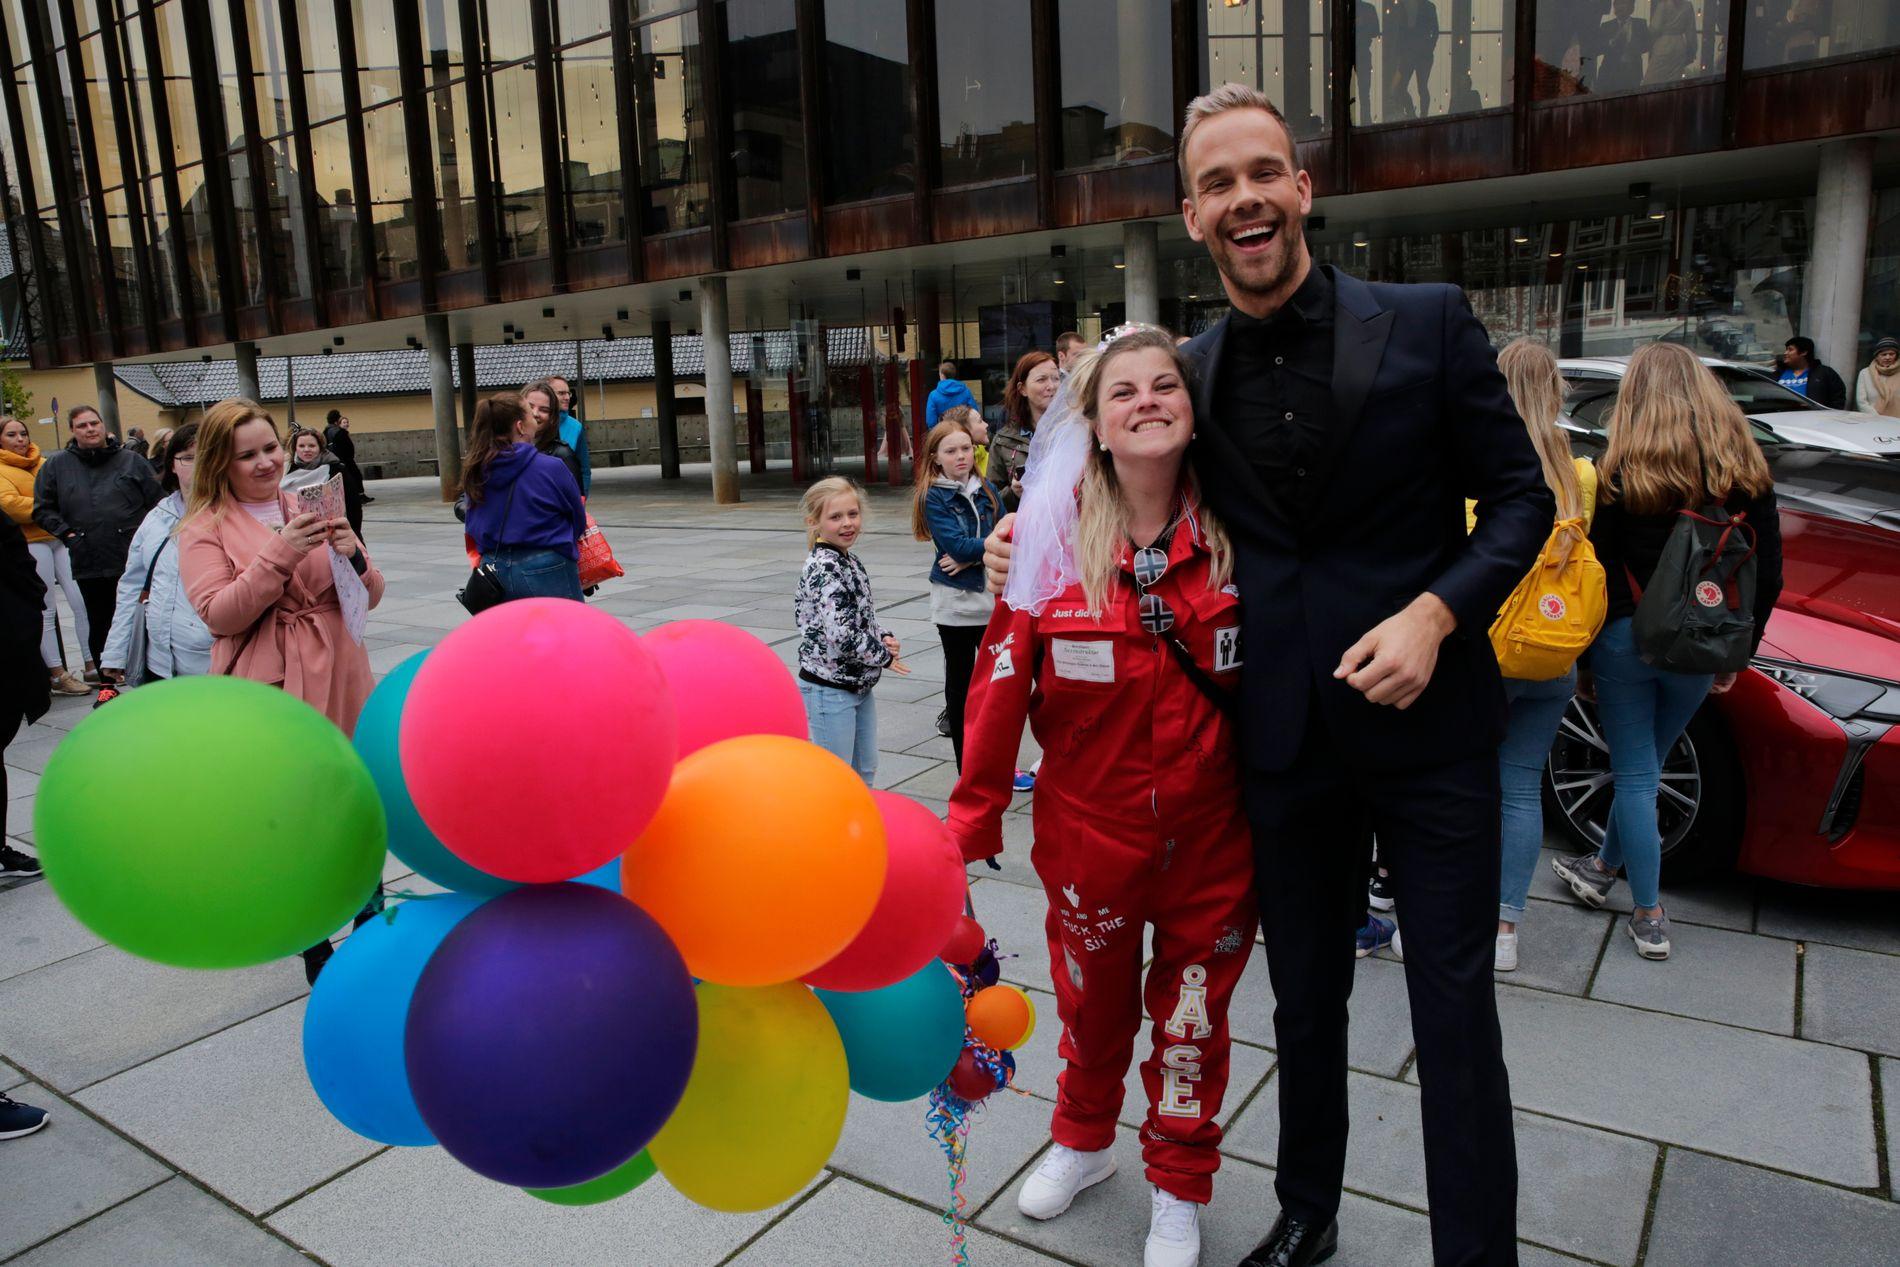 MØTTE FANSEN: VG-TVs Morten Hegseth brukte godt med tid blant oppmøtte fans før han startet sin egen dekning av Gullruten. Her sammen med autografjeger Åse Rebekka Hansen.